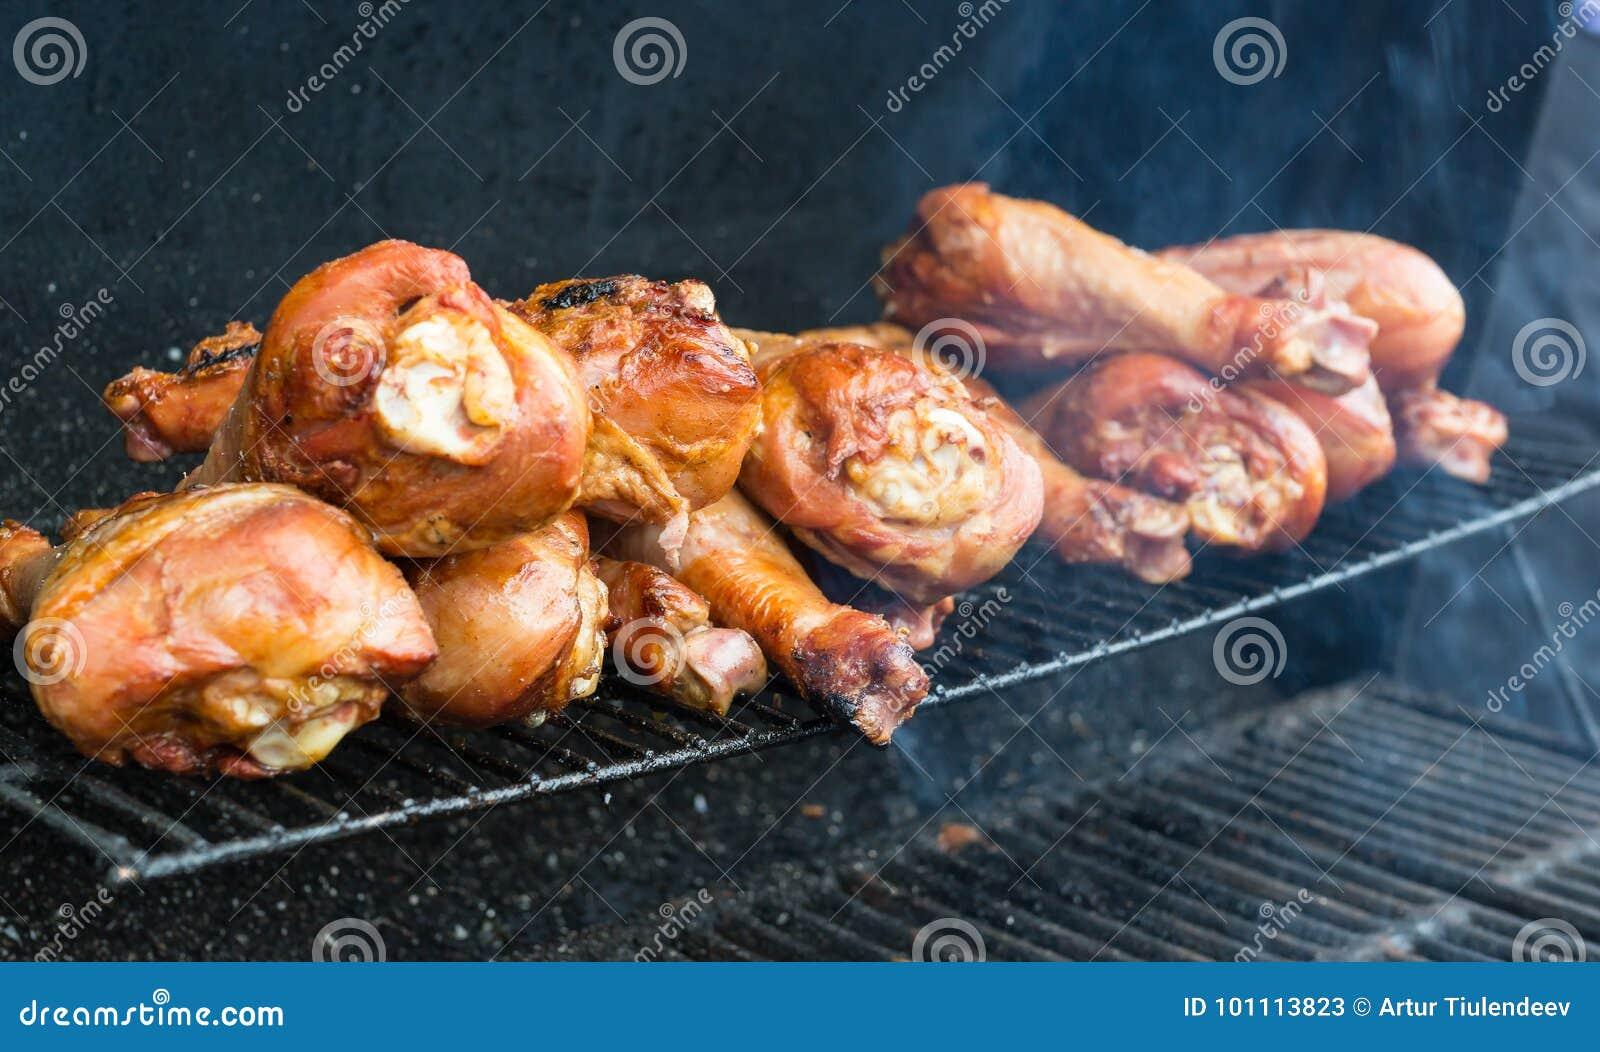 Fried Turkey på gallret